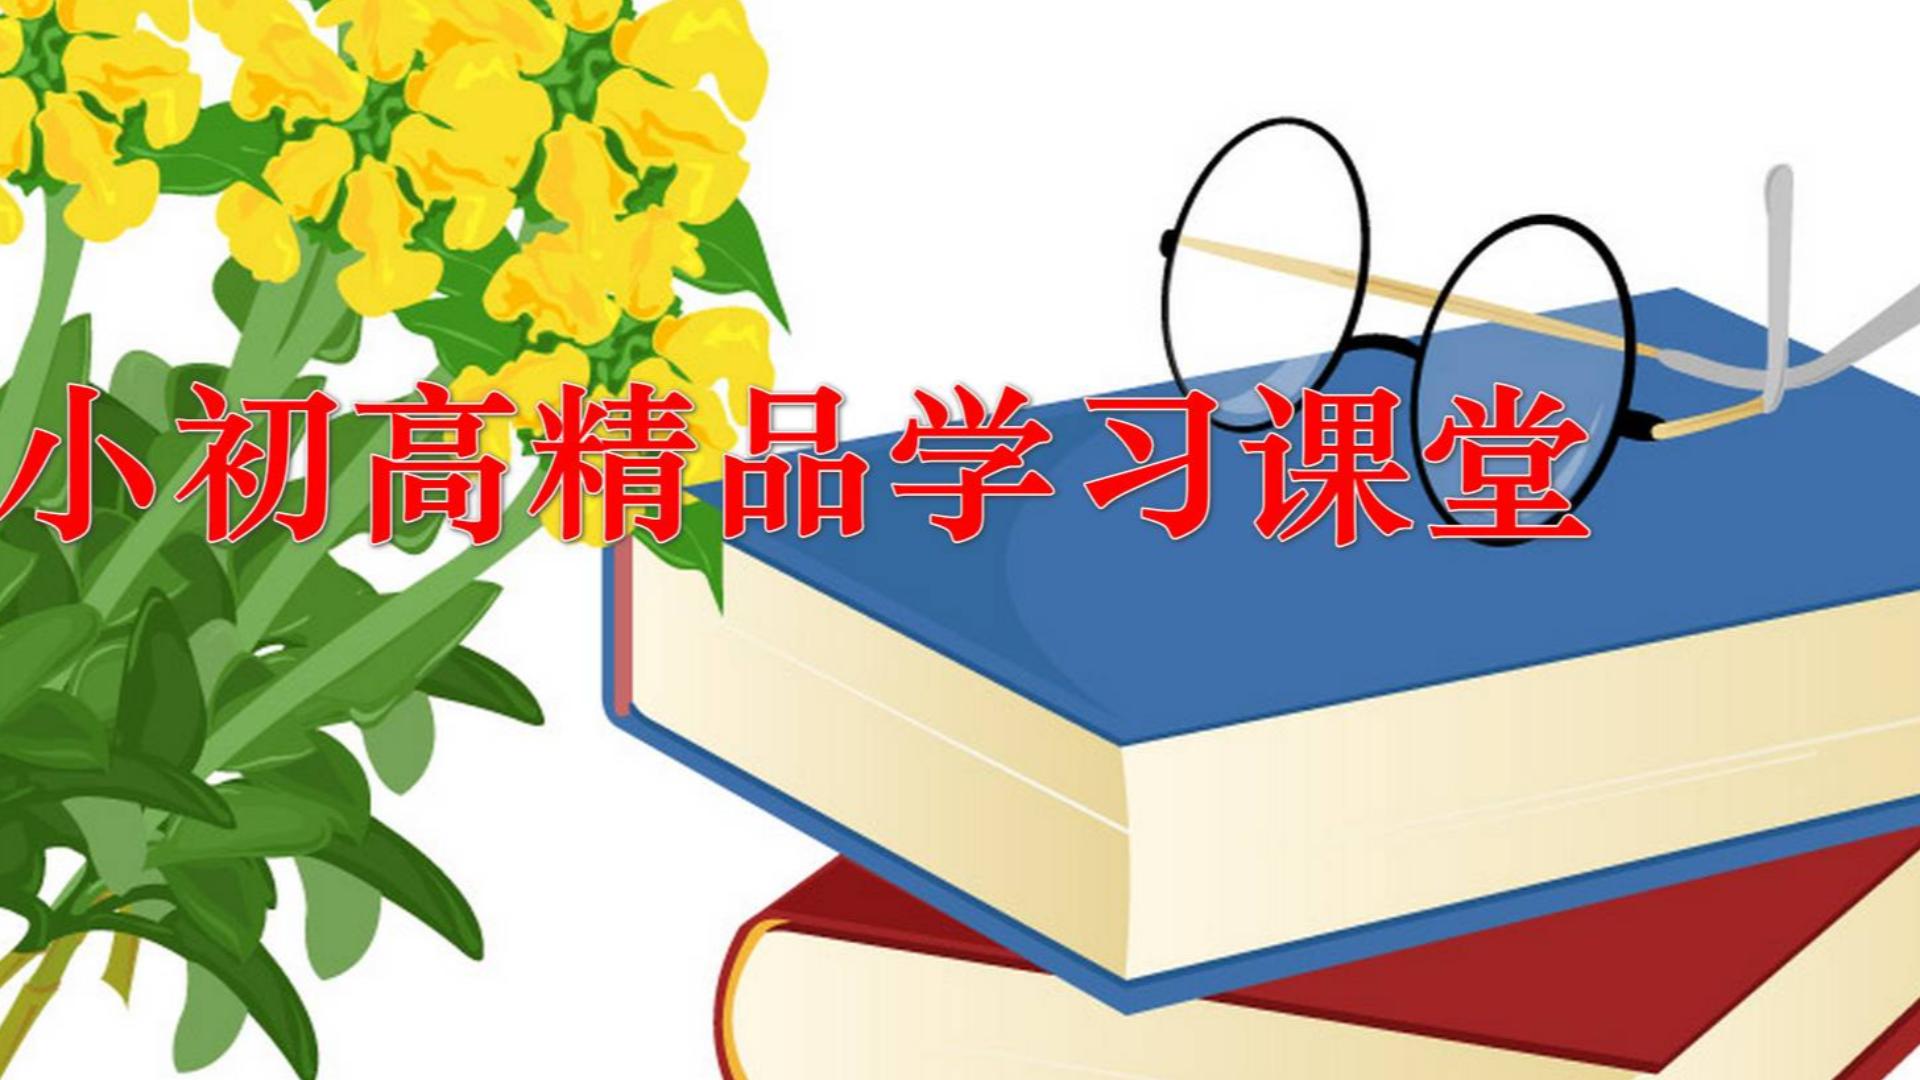 四六级英语——极简英语【跟谁学】